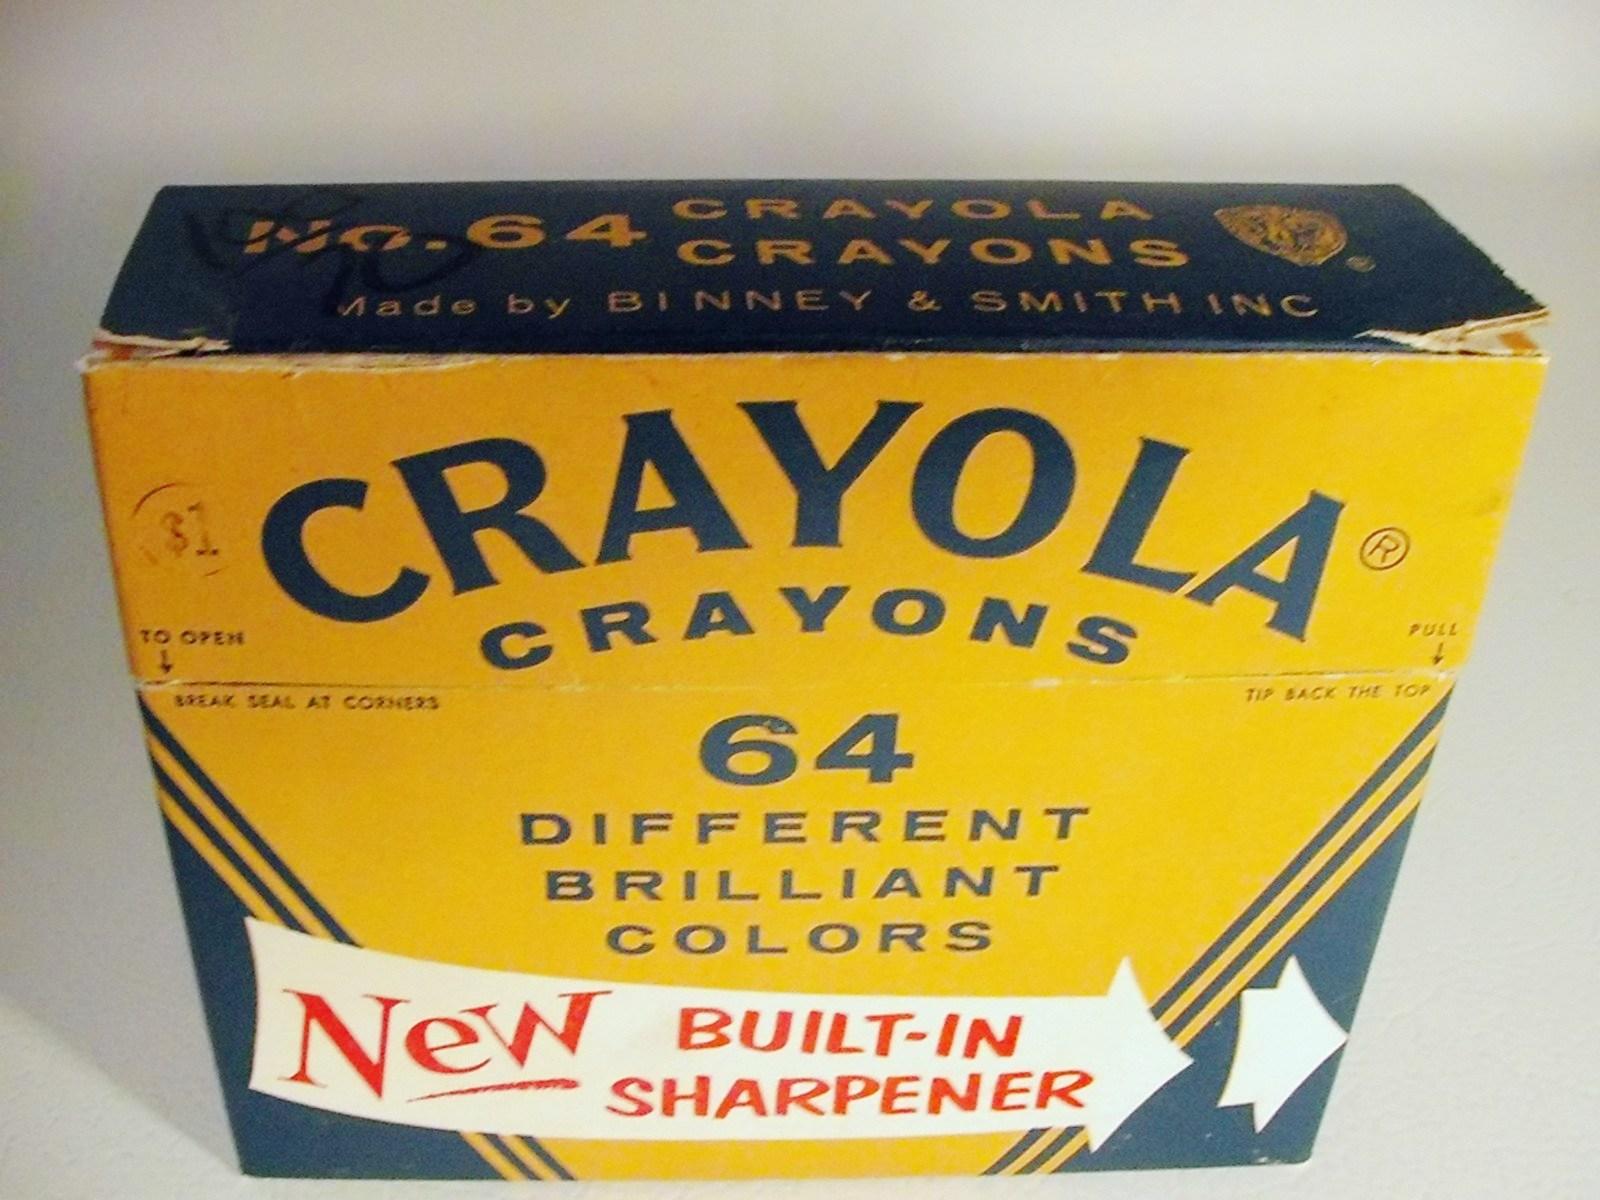 A Brief Yet Complex Color History Of Crayola Crayons